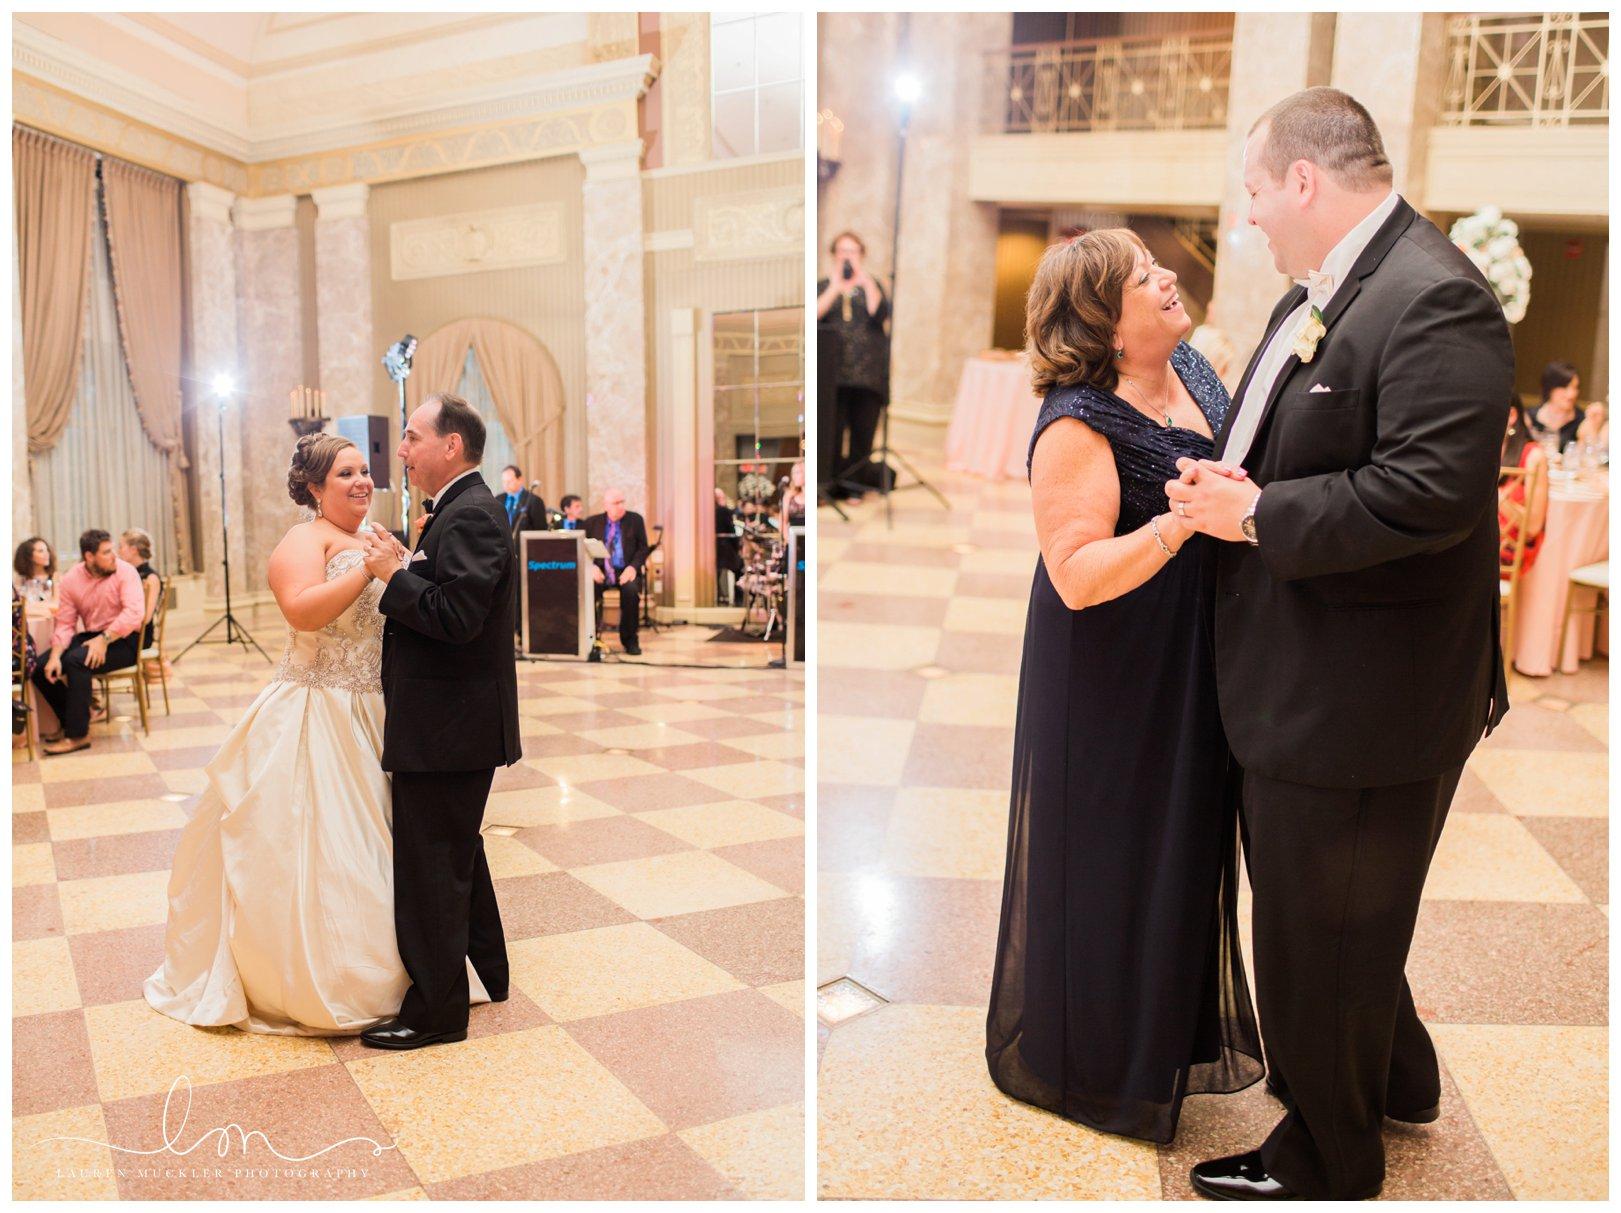 lauren muckler photography_fine art film wedding photography_st louis_photography_0640.jpg